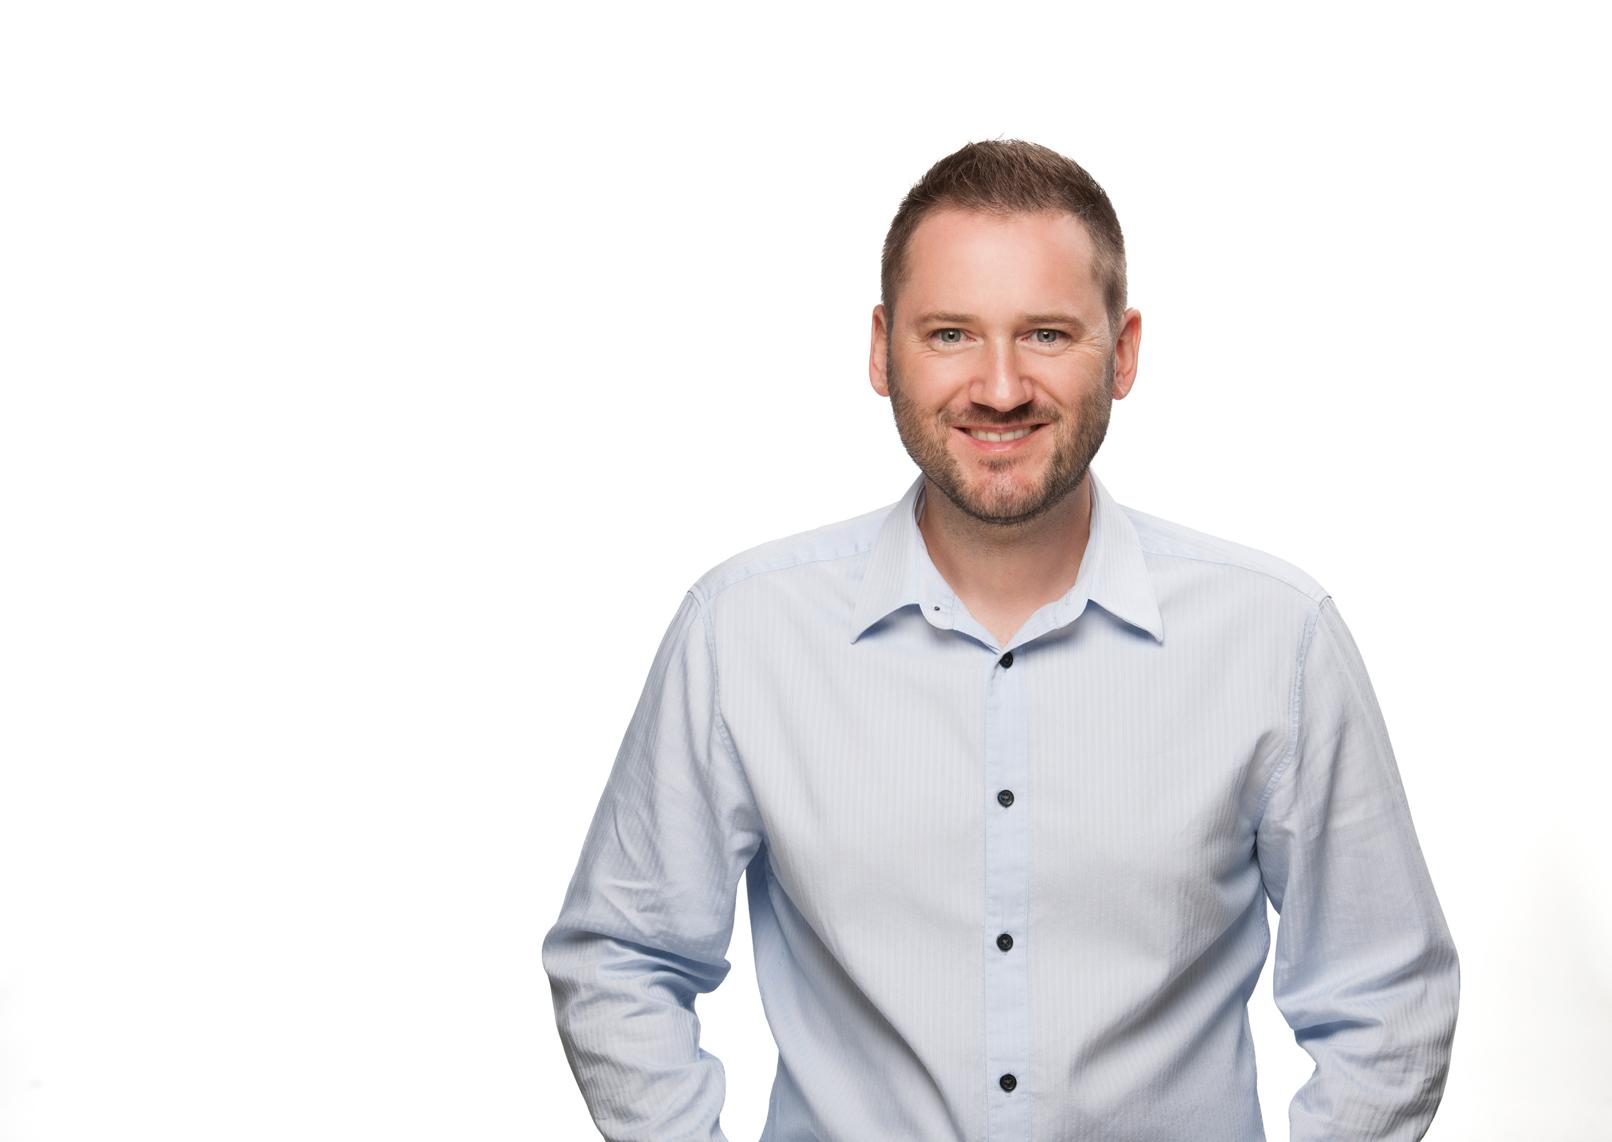 Mann vor weißem Hintergrund beim Shooting eines Business-Portraits